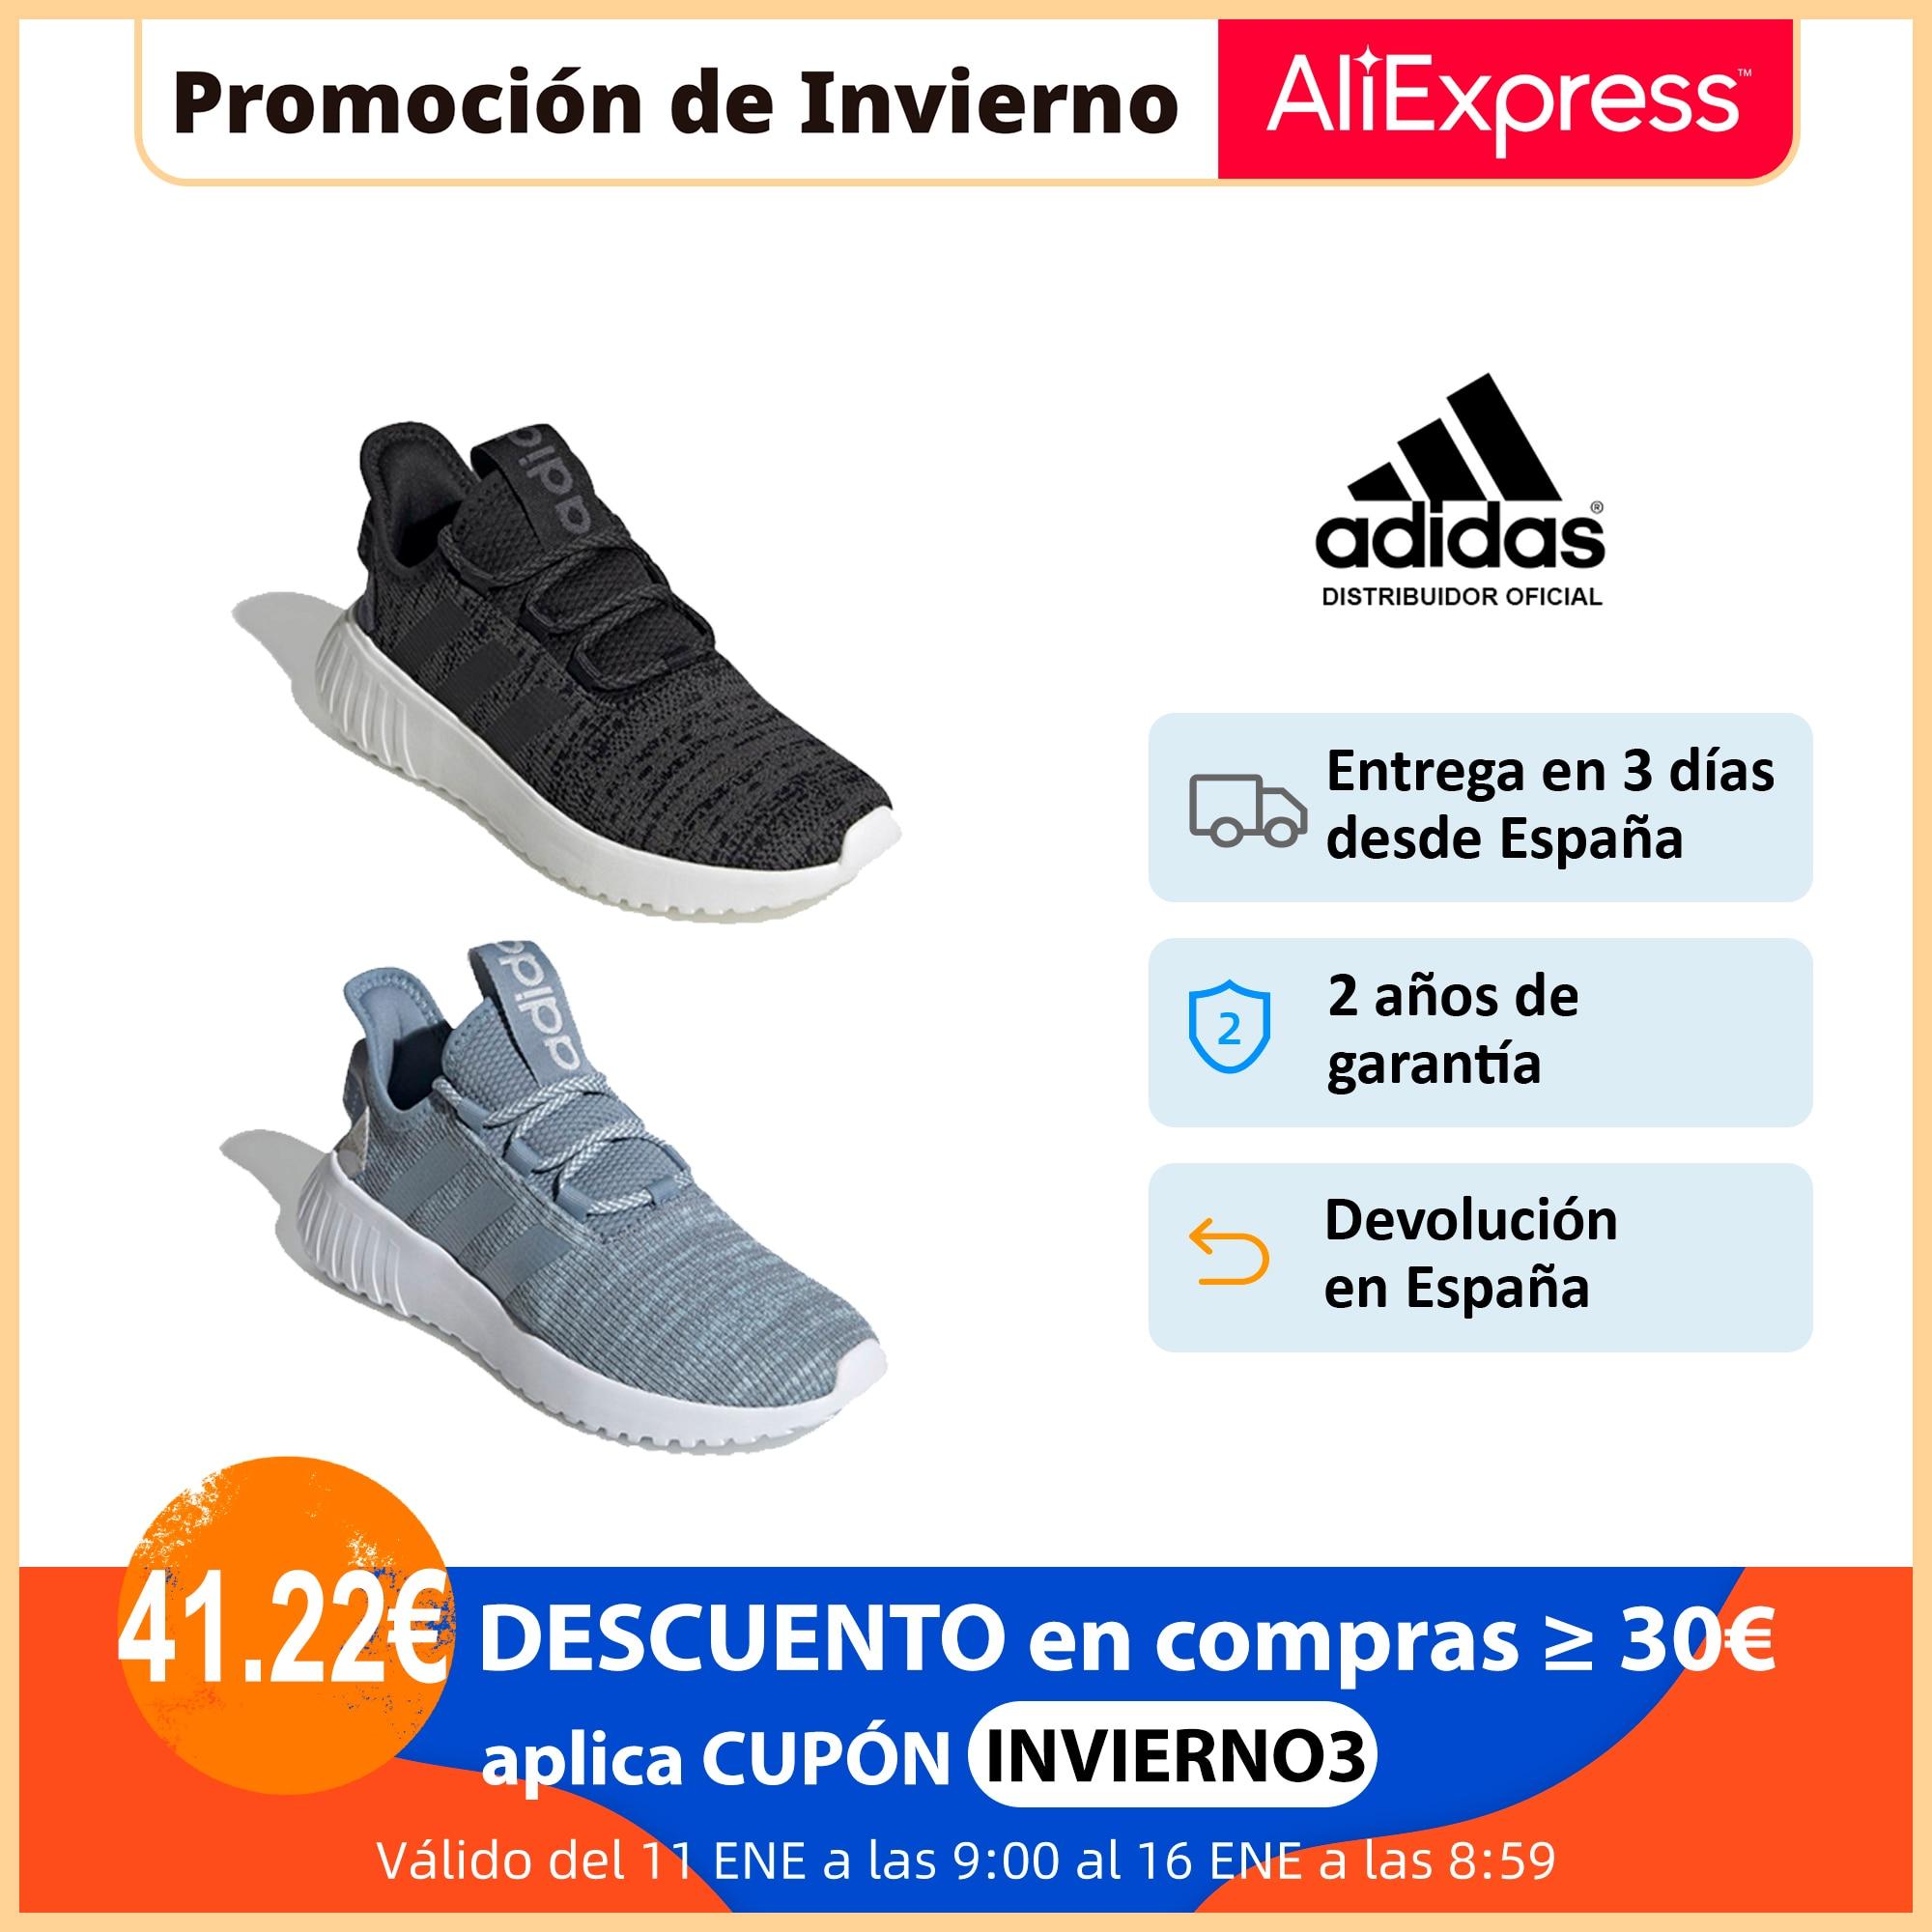 Adidas Kaptir X, Zapatillas Running Unisex, Cierre con Cordones, Parte Superior Texil, Plantilla Cloudfoam Comfort NUEVO|Zapatos vulcanizados de mujer| - AliExpress